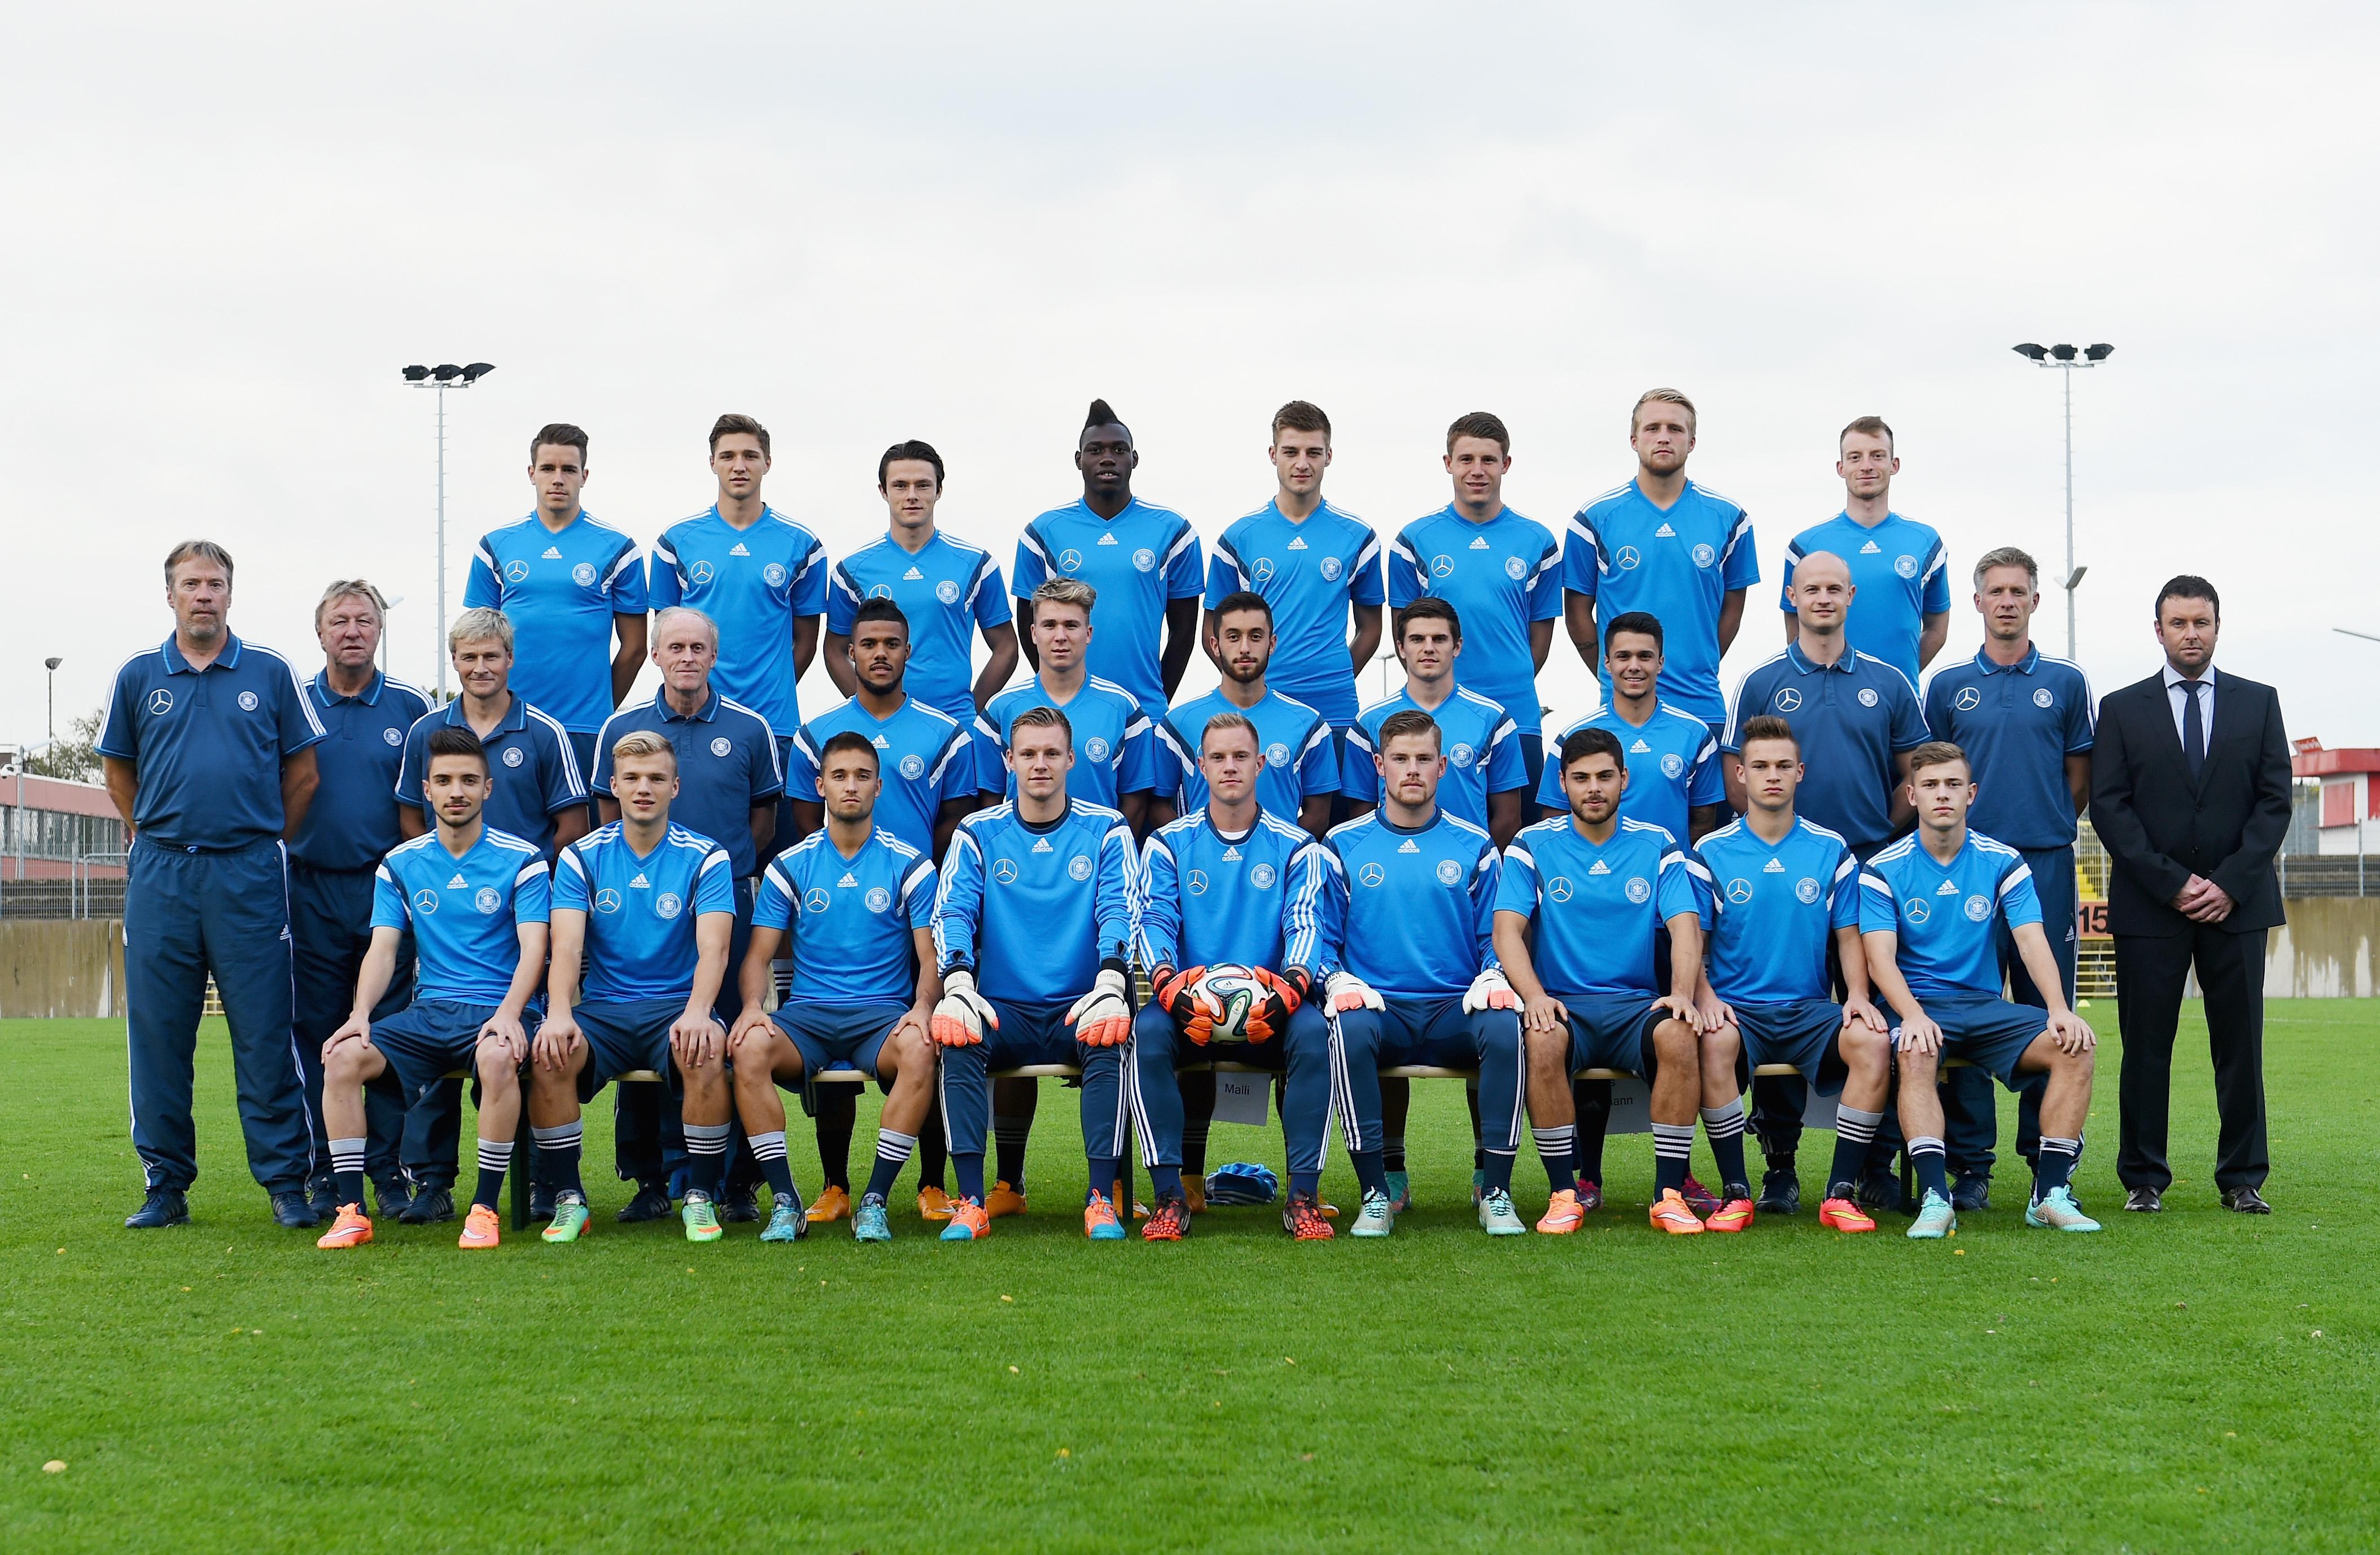 Live-Stream Fußball U21 Länderspiel: Heute Deutschland vs Niederlande, kostenlos Live-Übertragung auf Eurosport